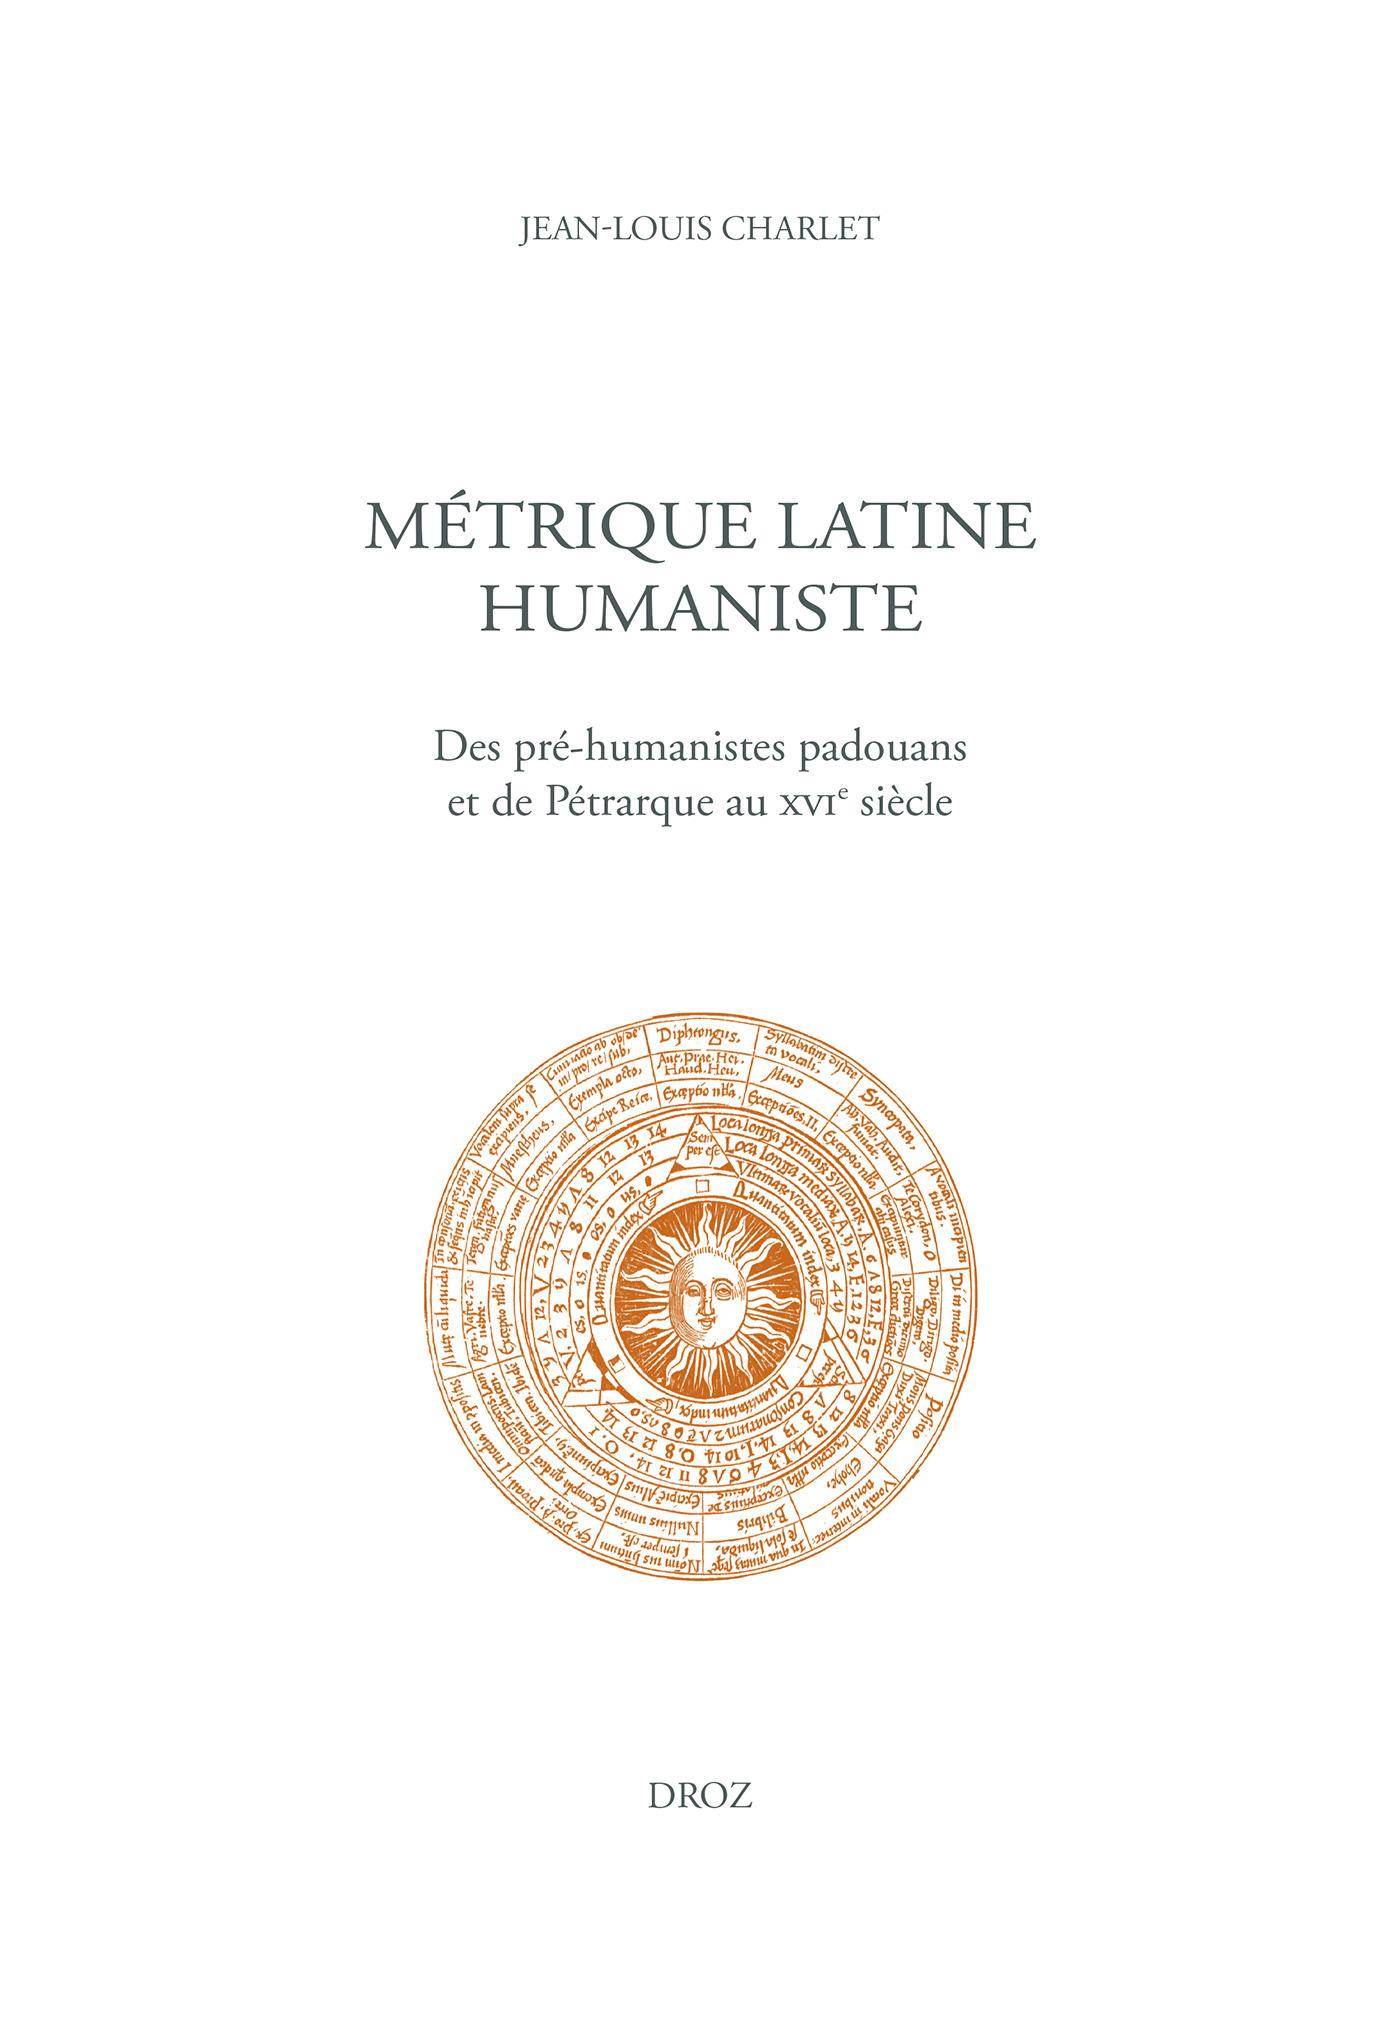 Metrique latine humaniste - des pre-humanistes padouans et de petrarque au xvie siecle